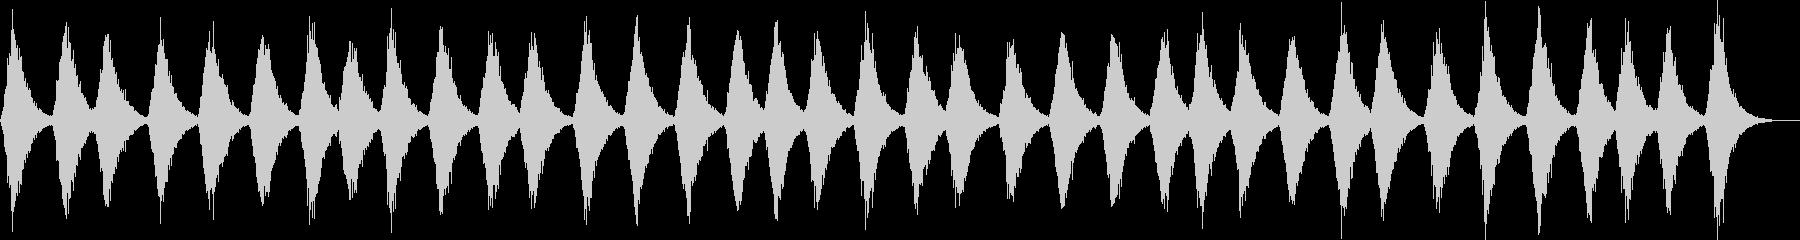 暗い雰囲気の環境音の未再生の波形